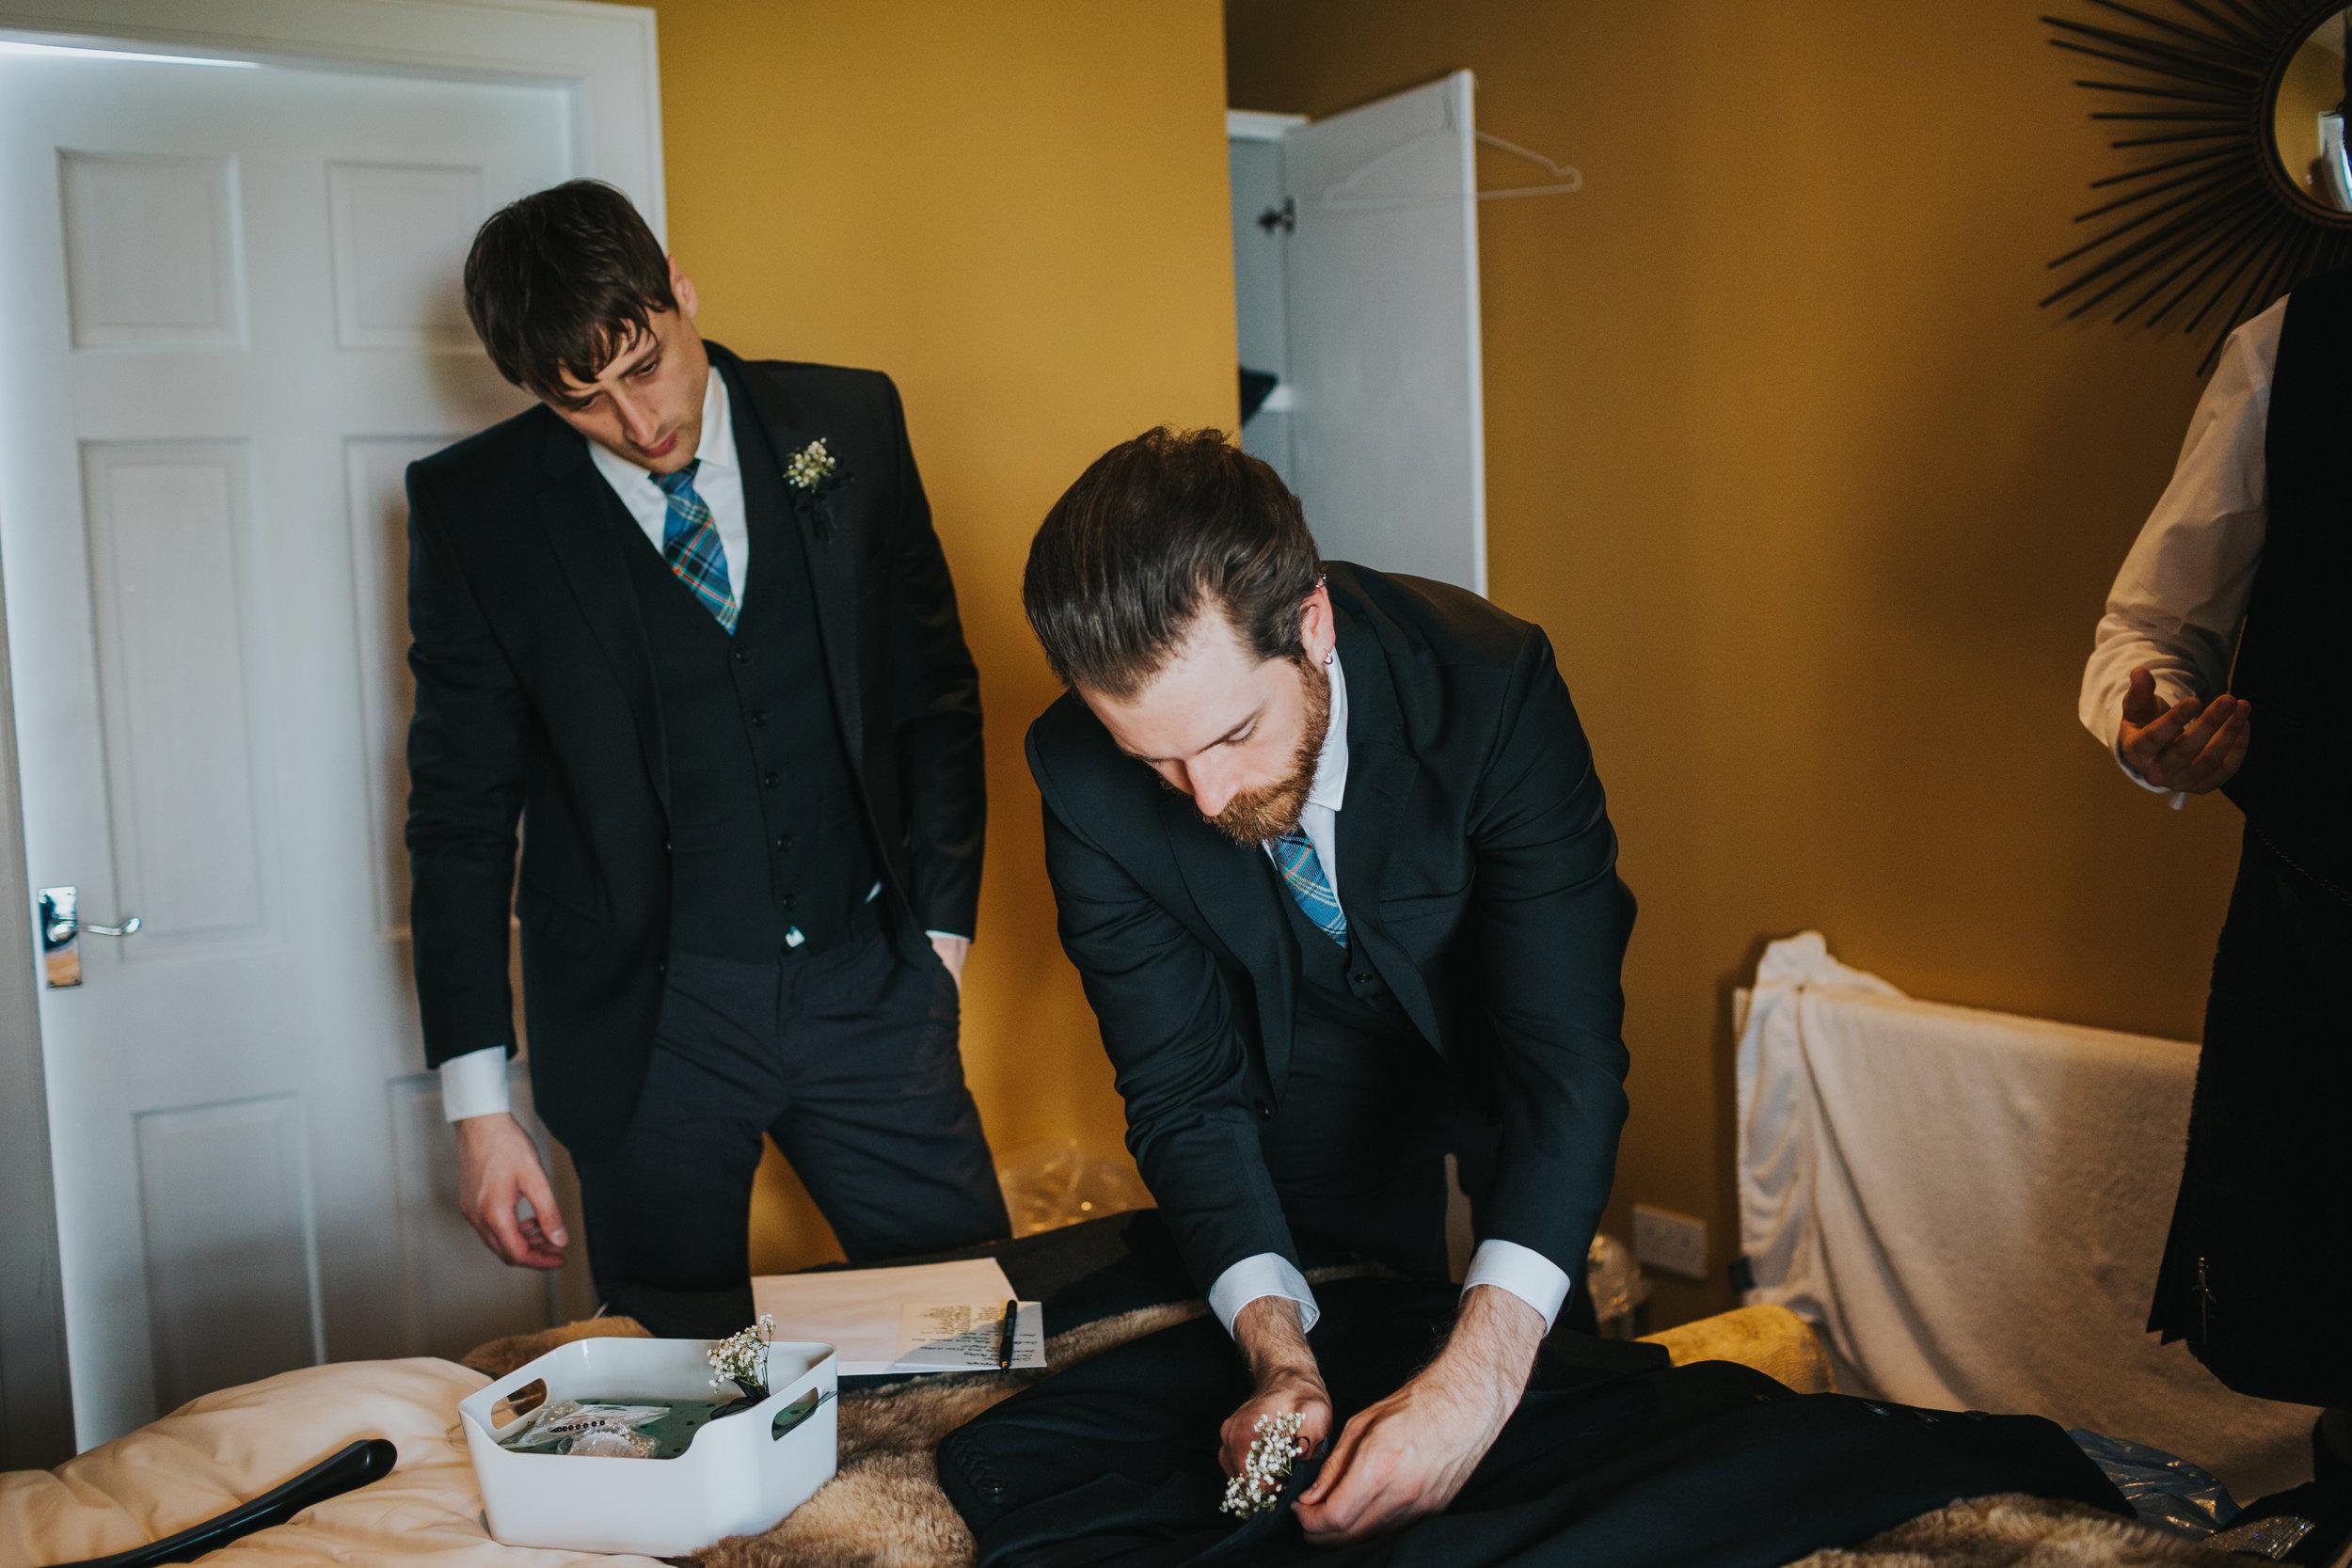 Groomsmen help prepare grooms suit.